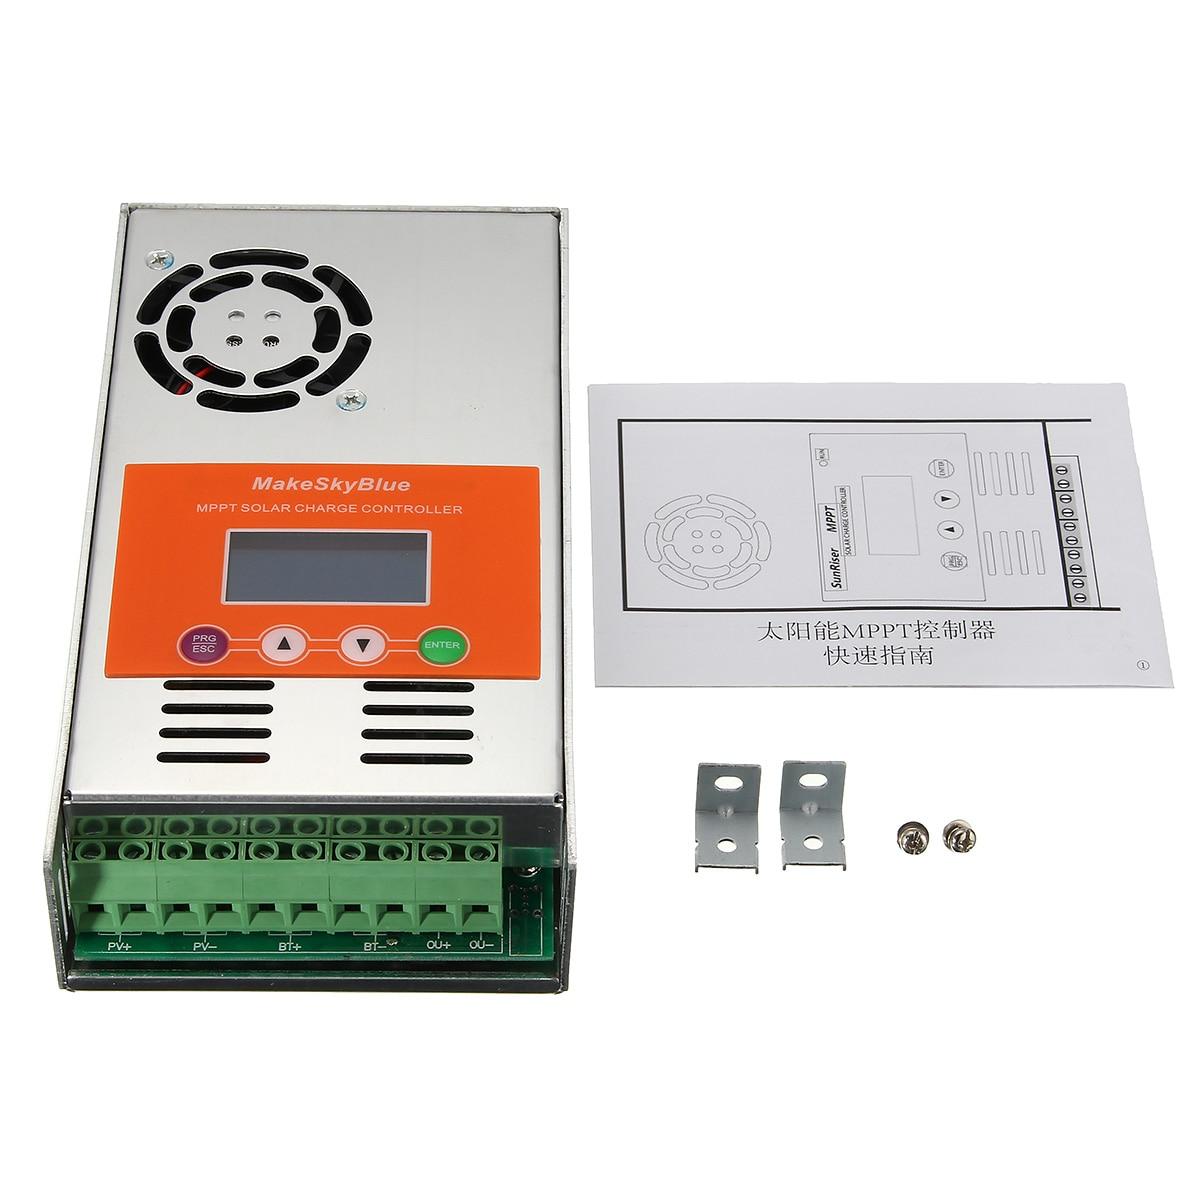 LCD 50A MPPT Solar Charge Controller Regulator for 12V/24V/36V/48VDC System Solar Panel Battery Regulator Controller 50a 12 24v solar regulator charge controller lcd screen solar controller new